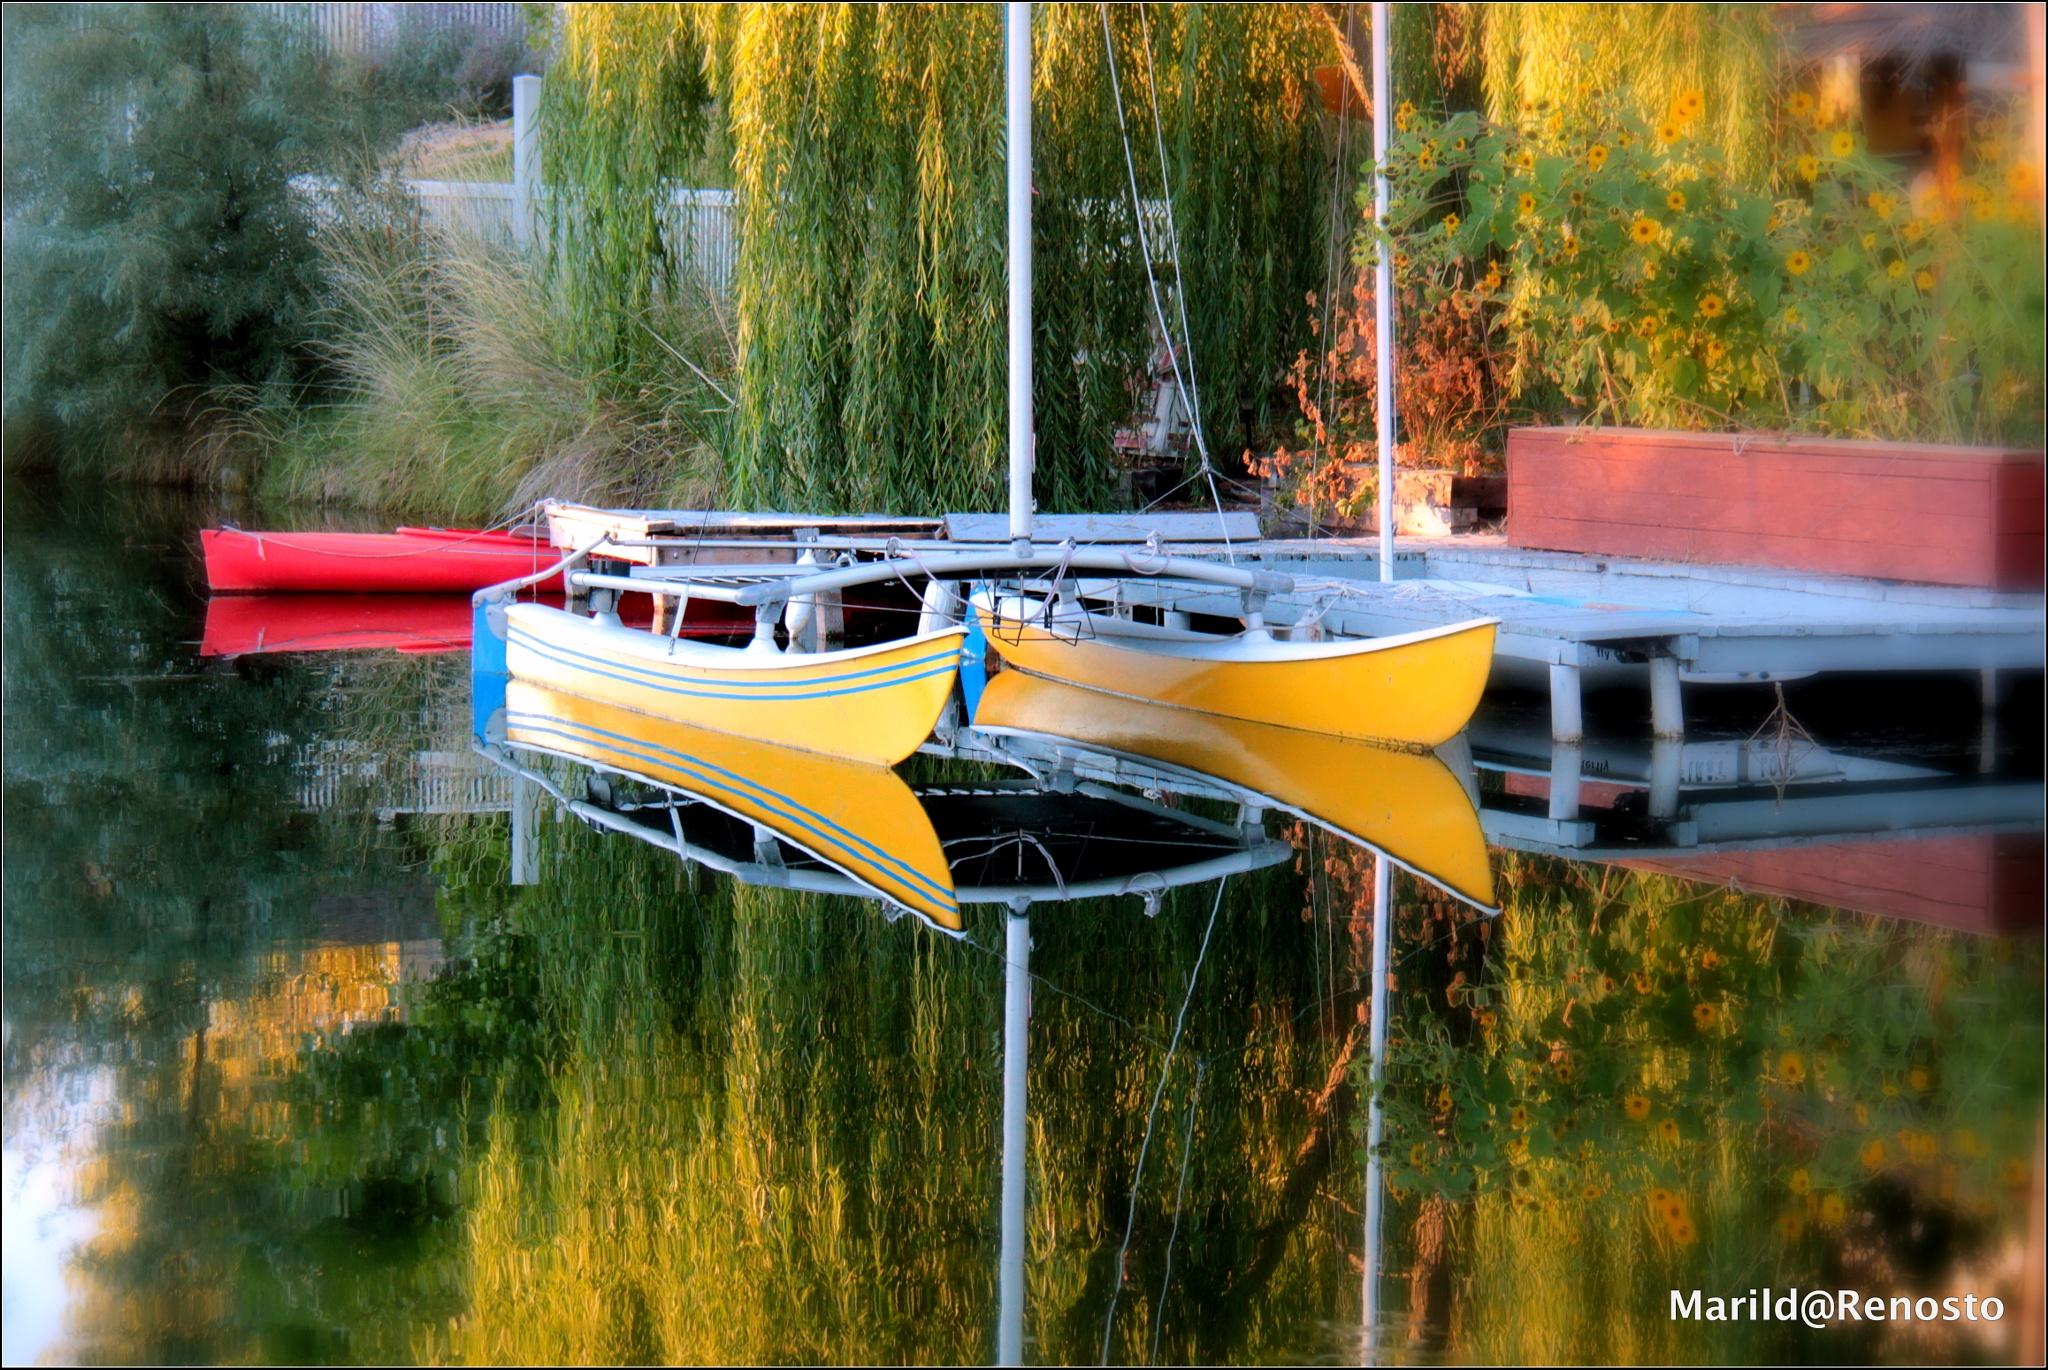 Boats by marilda.renosto